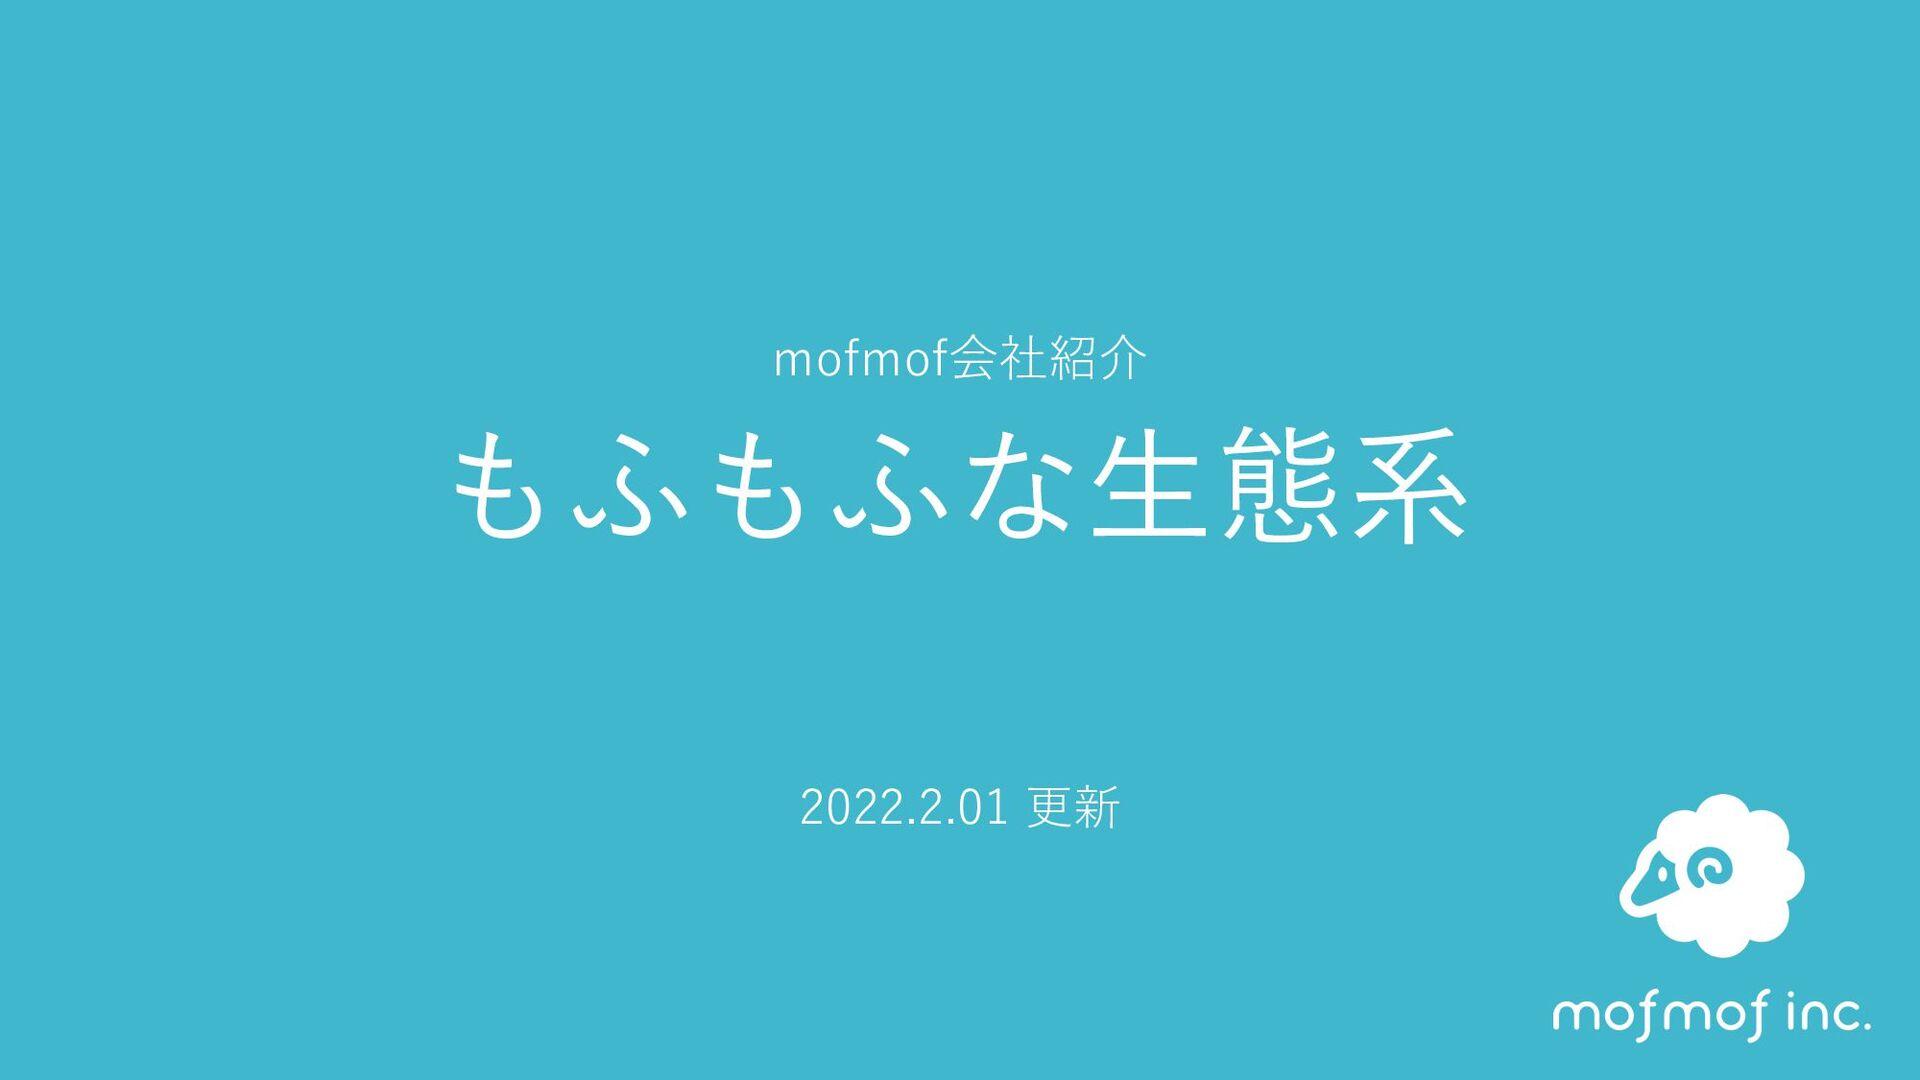 2020.09.15 更新 mofmofの中⾝をのぞいてみよう もふもふな⽣態系(会社紹介)